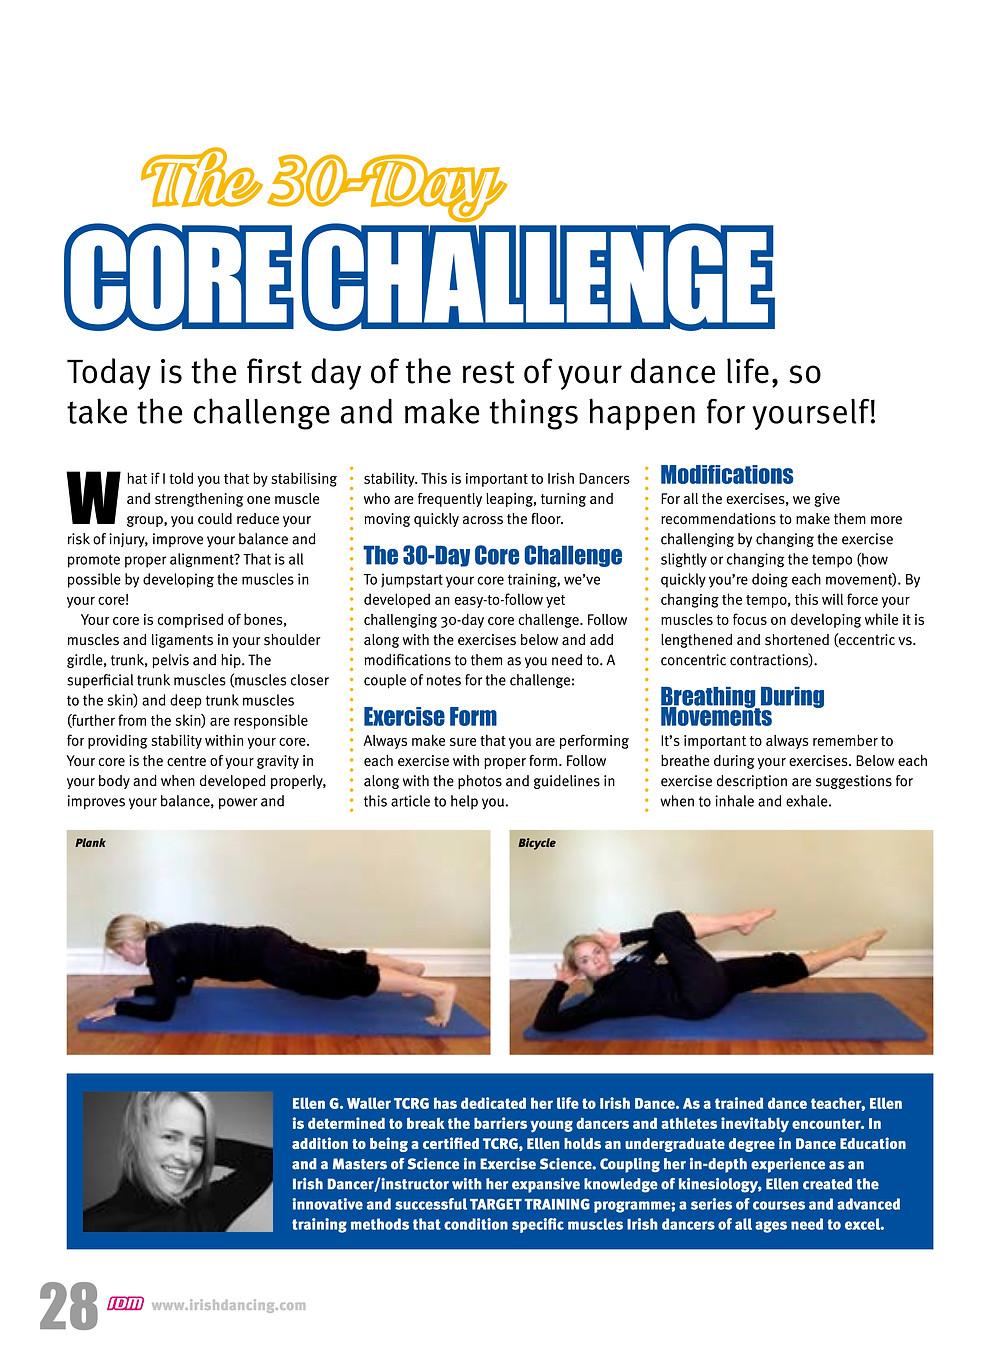 Irish dance training; Irish dance strength and conditioning; core exercises for Irish dance